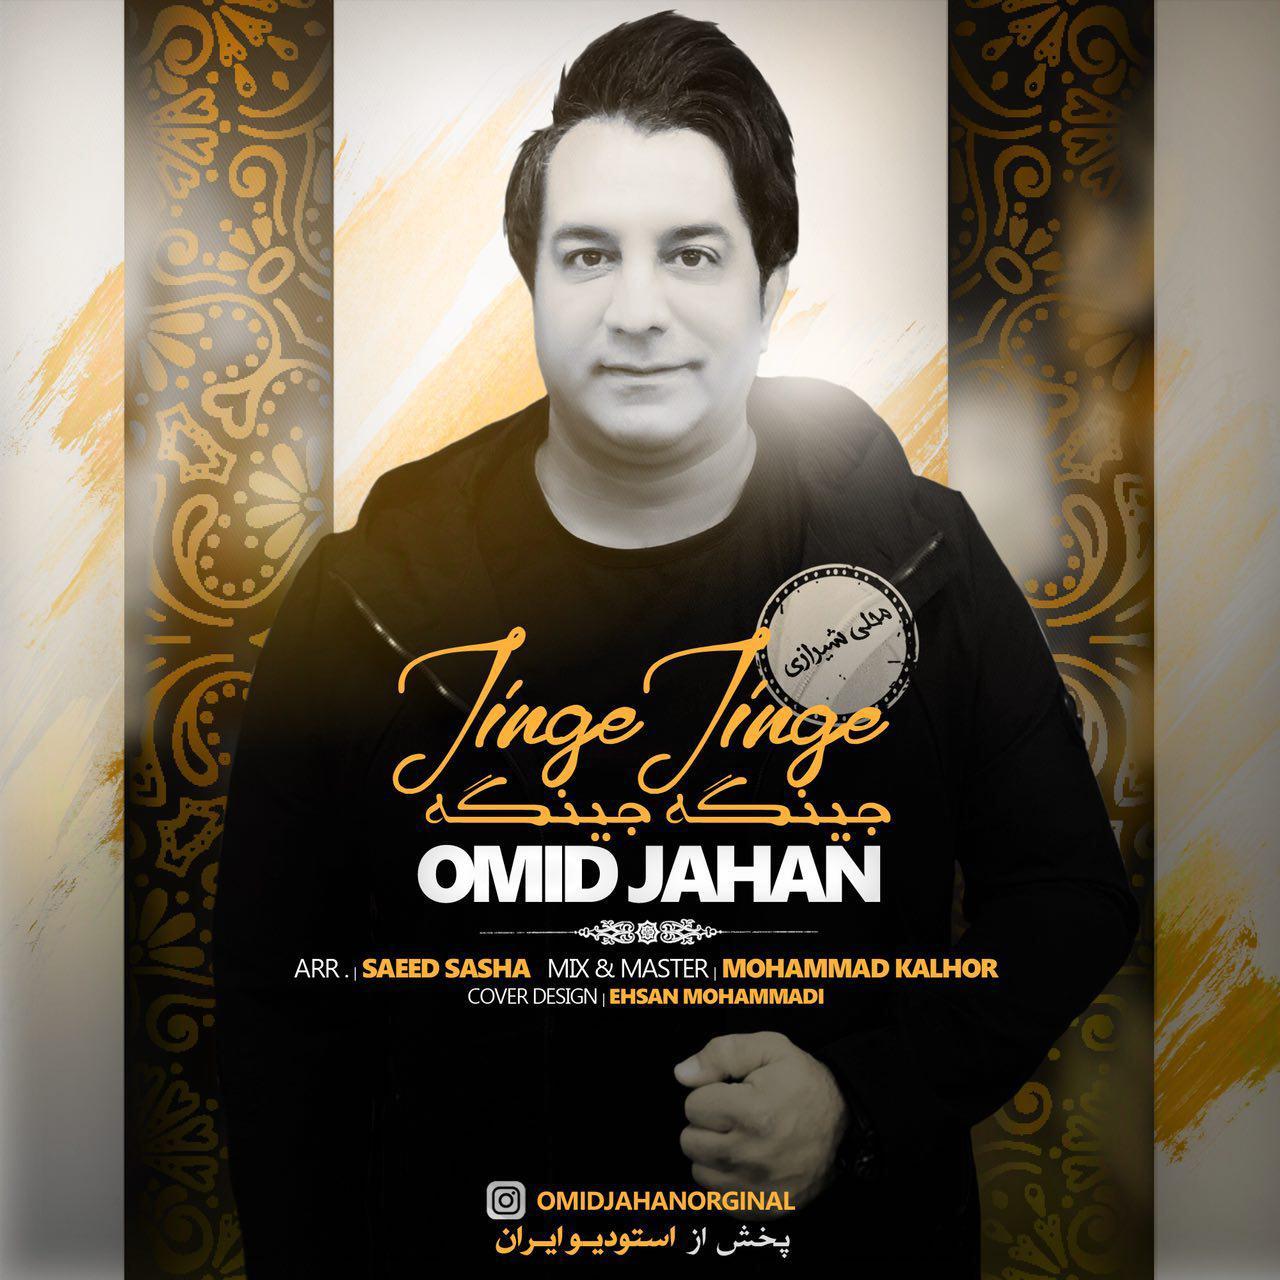 Omid Jahan – Jinge Jinge